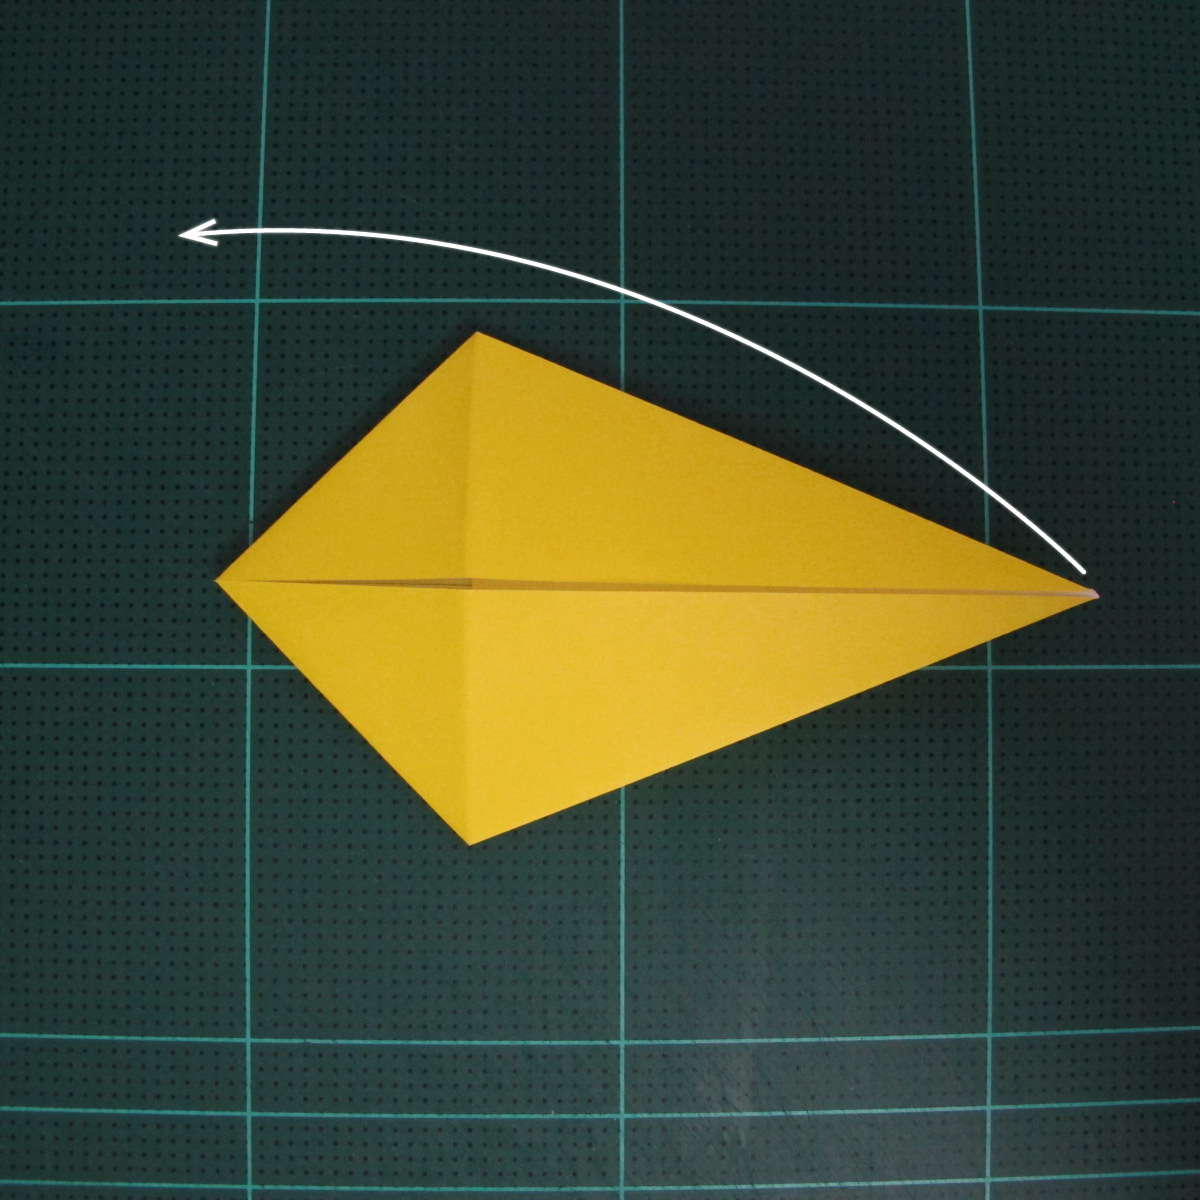 การพับกระดาษเป็นรูปไก่ (Origami Rooster) 002